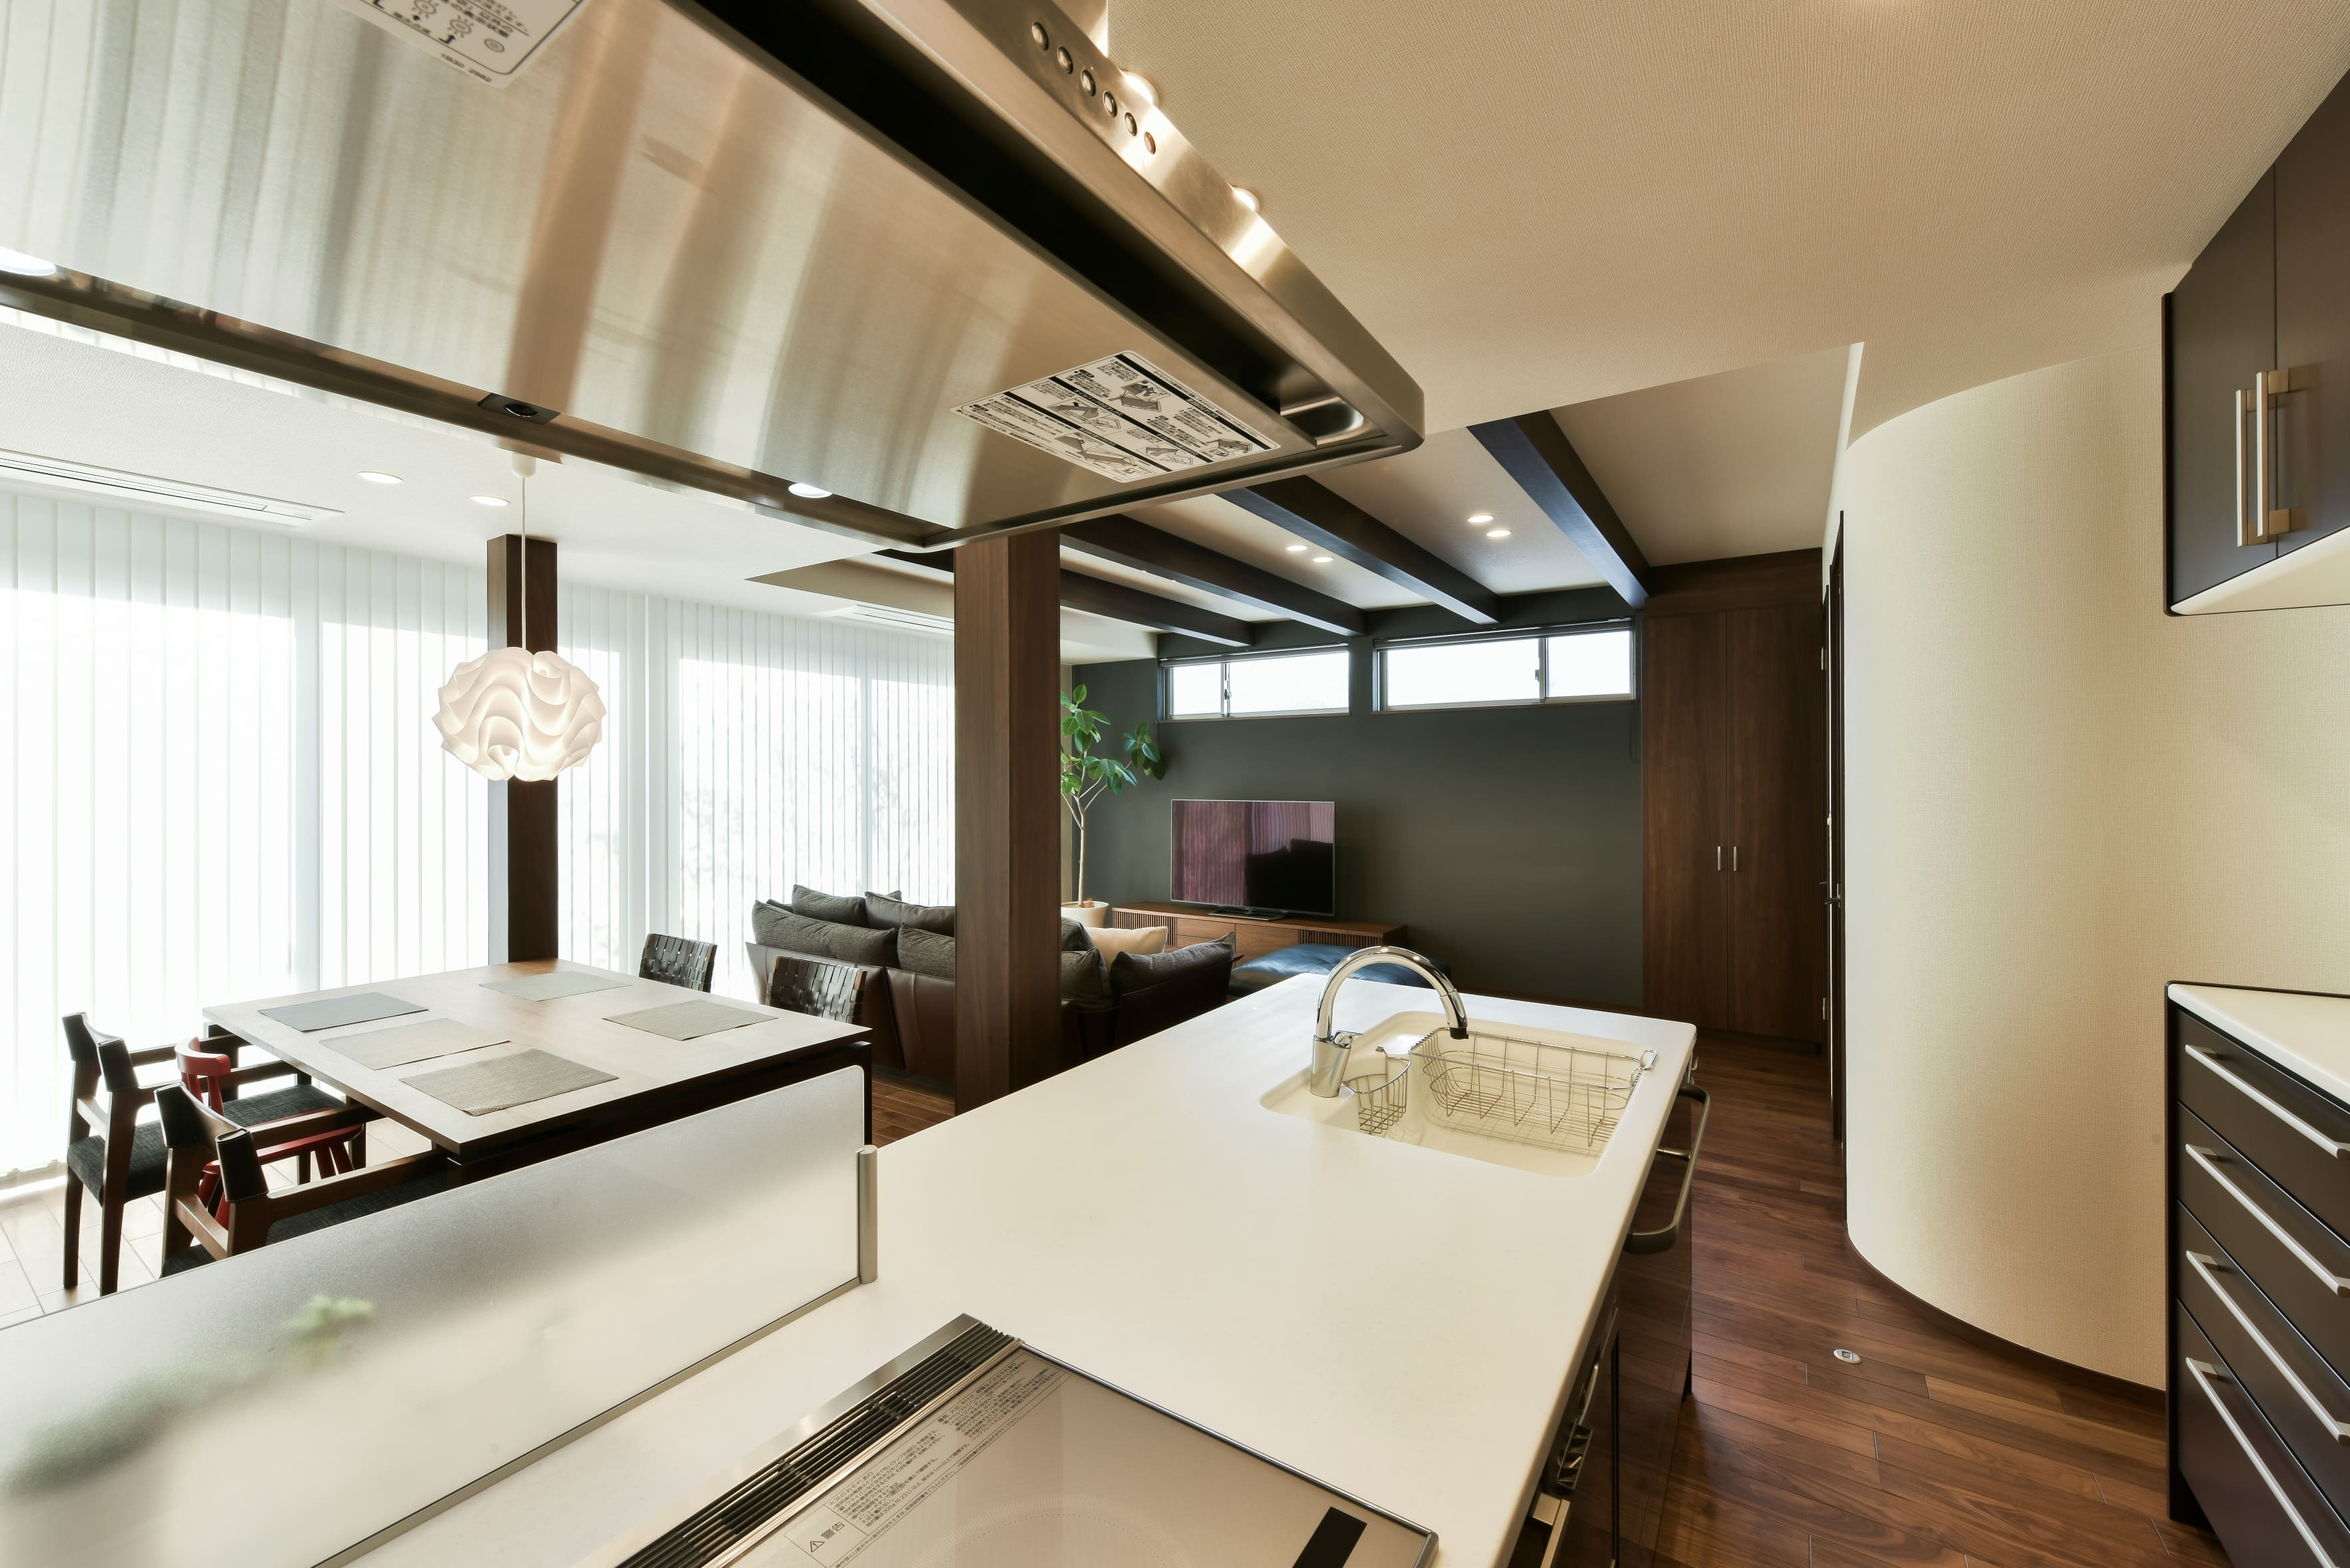 キッチン事例:LDを見渡せる対面式キッチン(奥様の実家を増築して二世帯住宅にリフォーム。LDを広げて開放感あふれる空間に。)